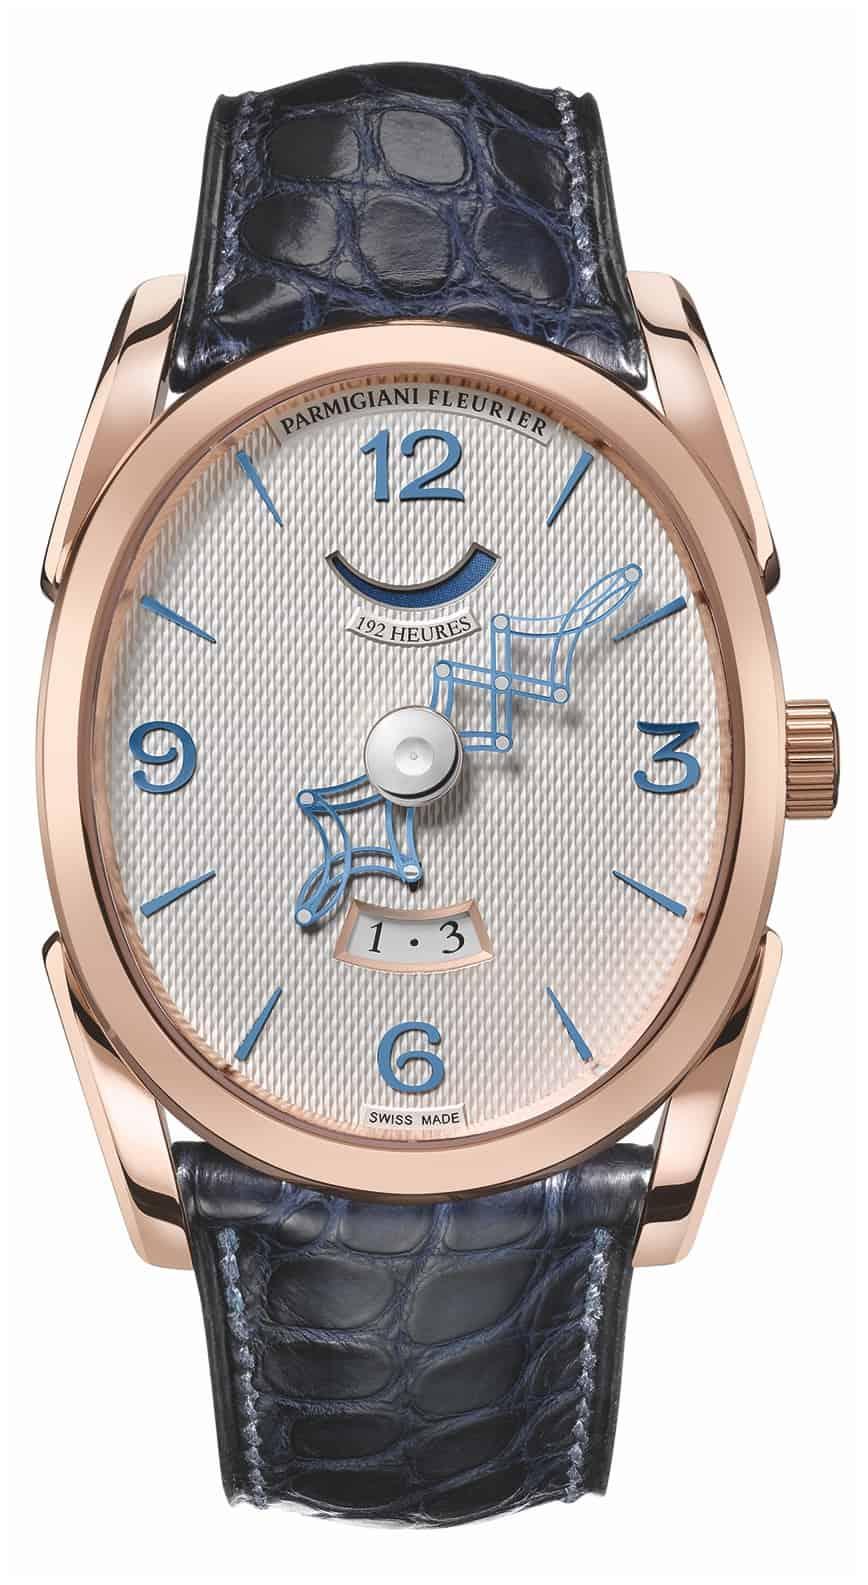 Parmigiani Fleurier Ovale Pantographe Armbanduhr 2013 Gesicht